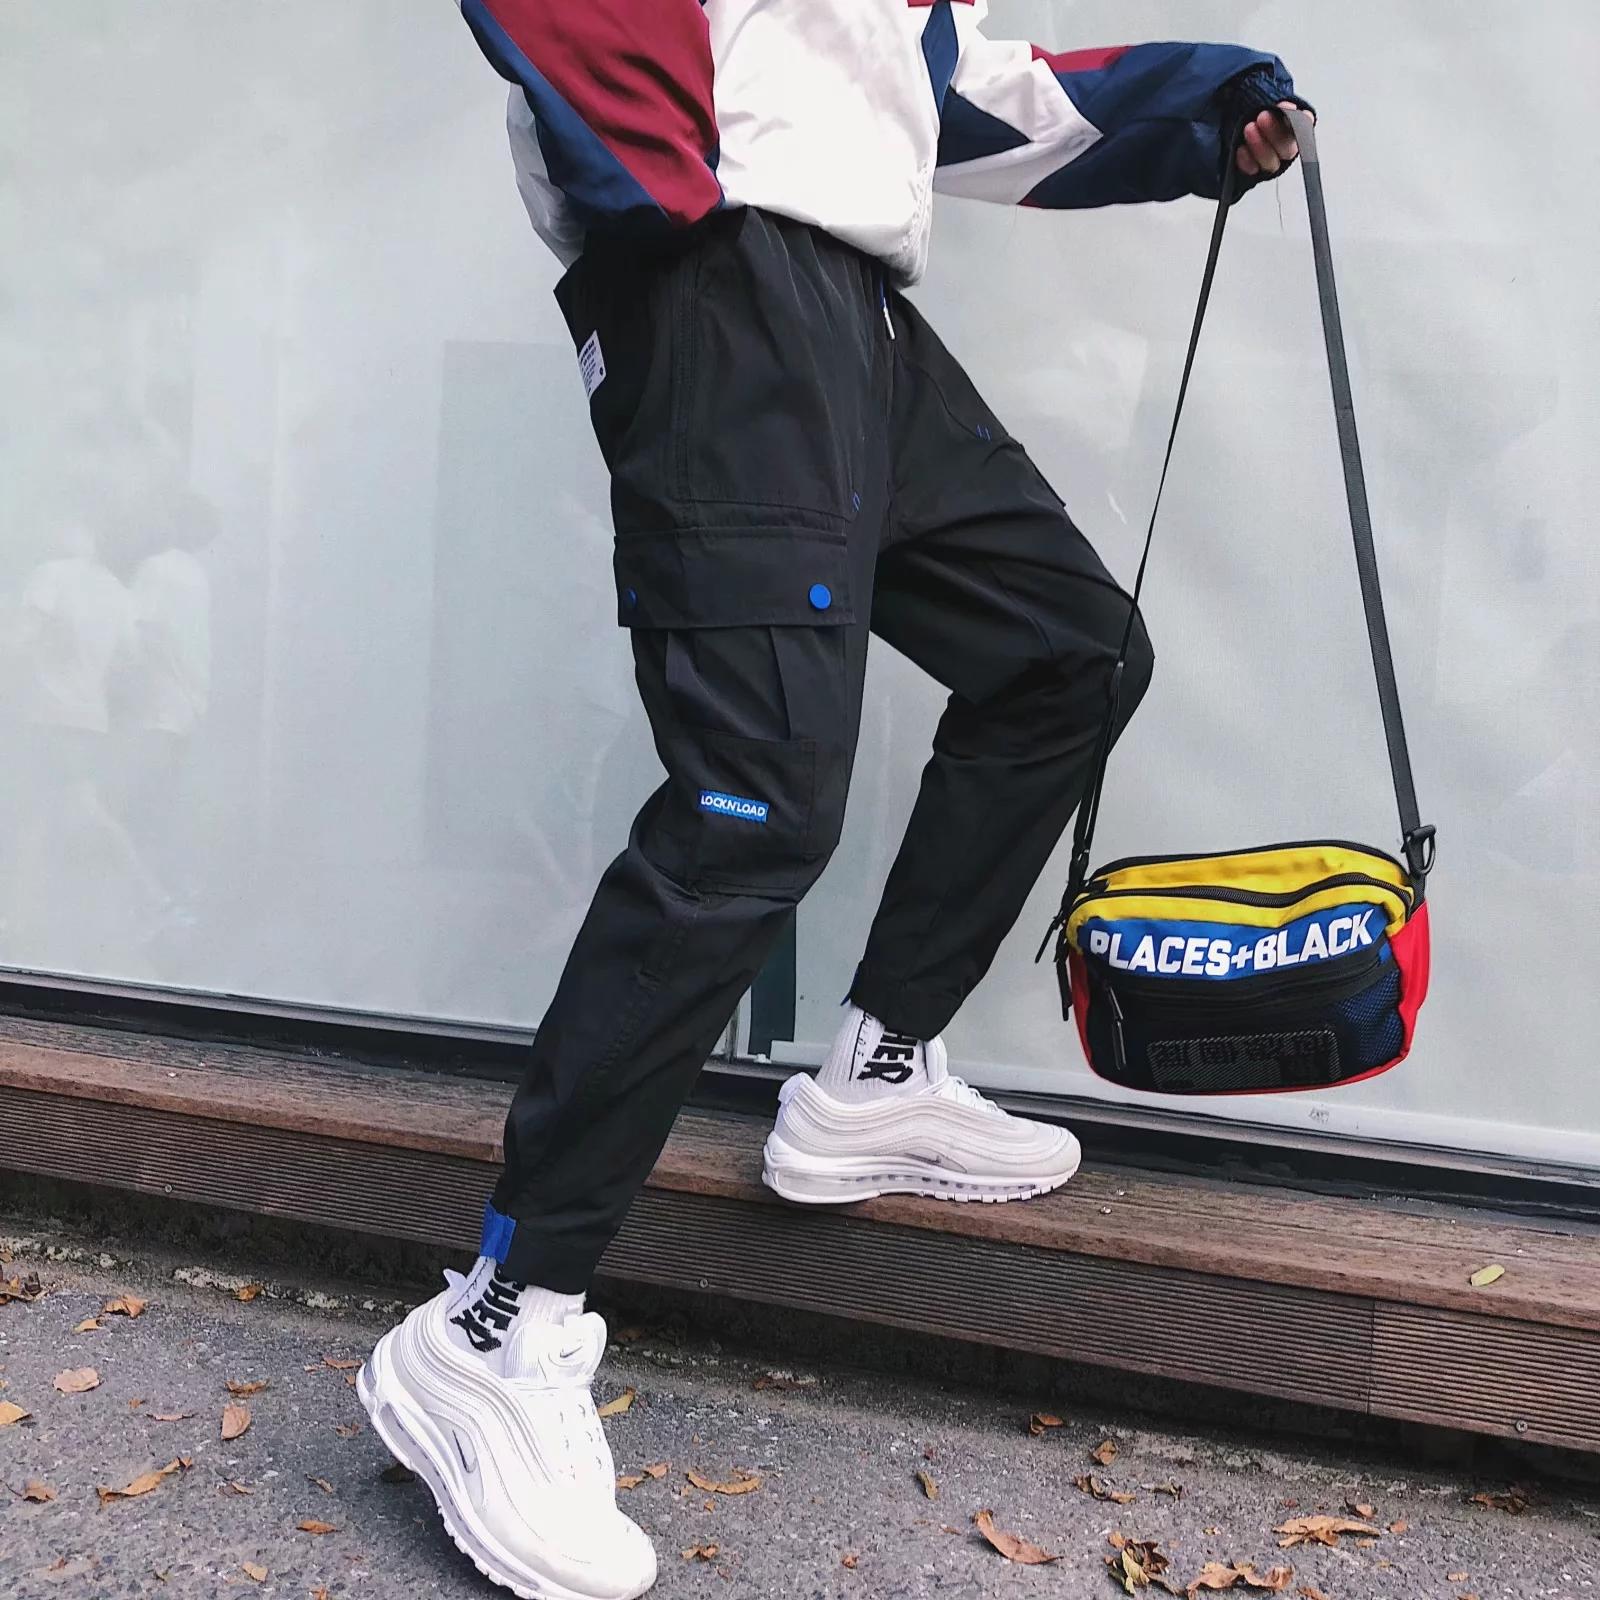 秋冬季新款宽松裤子男士潮牌多口袋工装裤韩版潮流男生束脚休闲裤